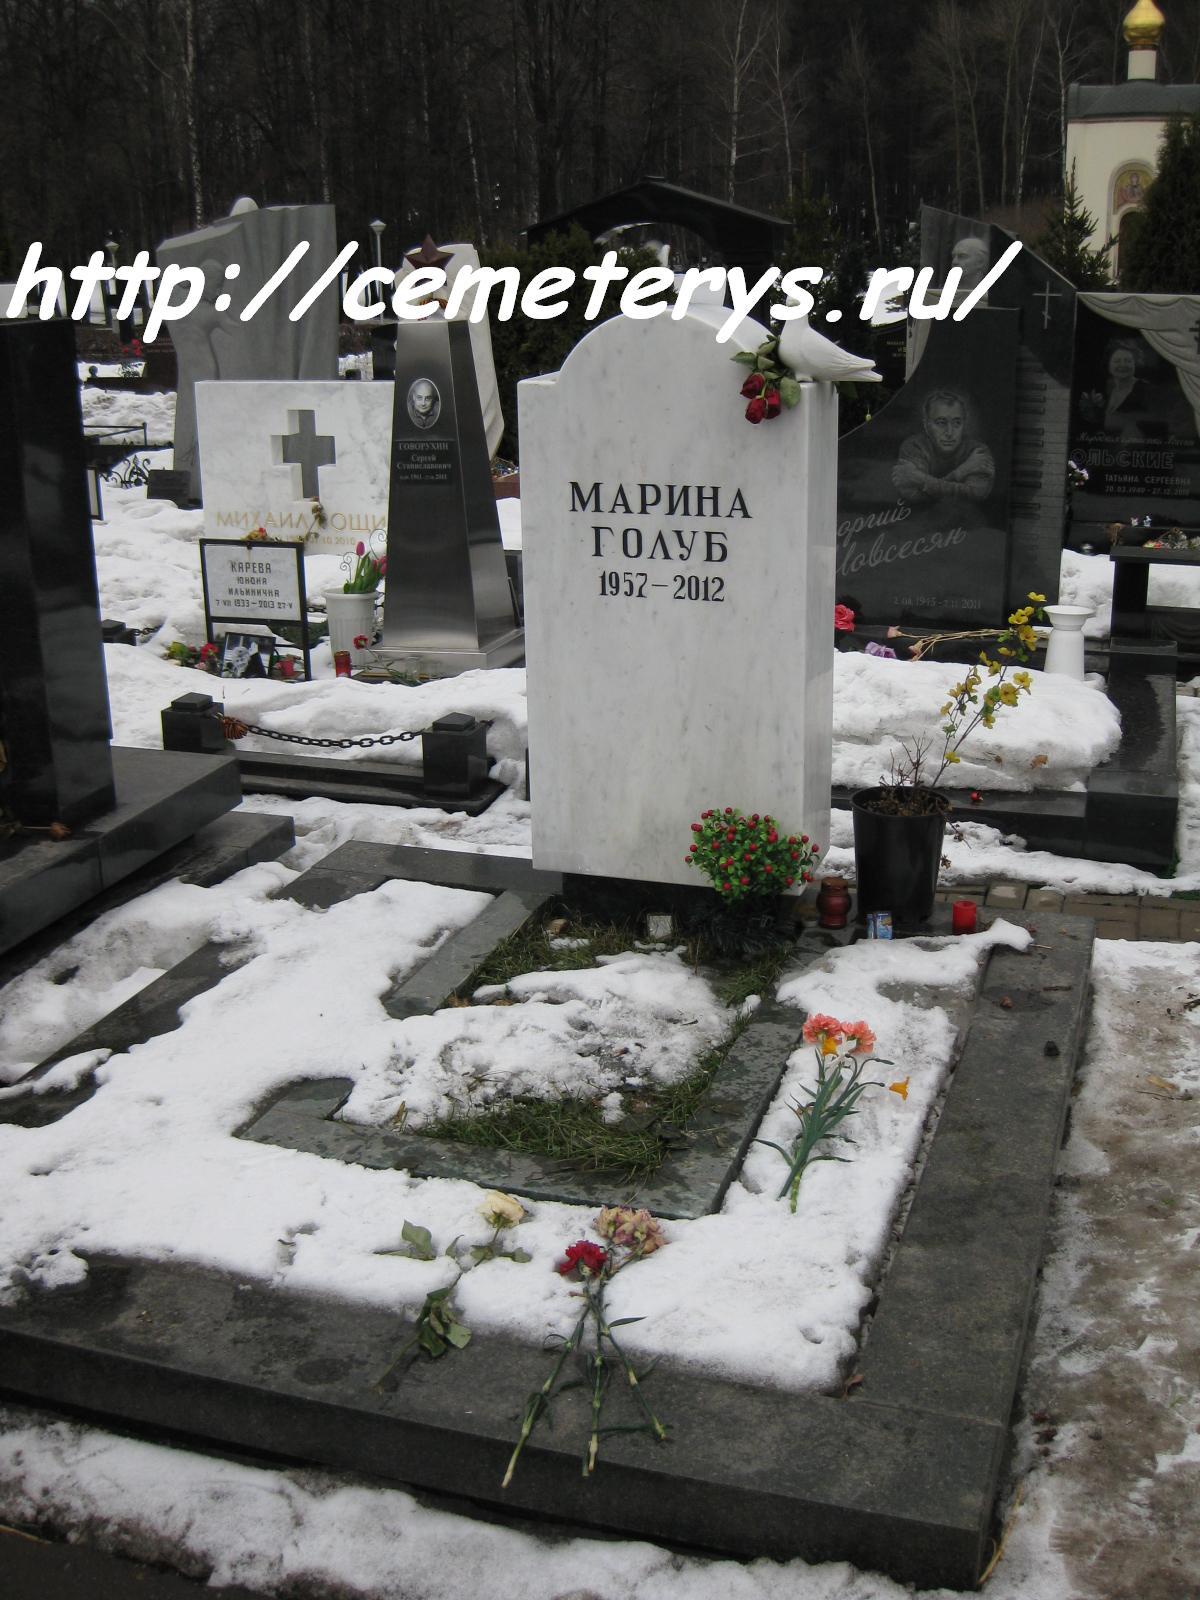 могила Марины Голуб на Троекуровском кладбище в Москве ( фото Дмитрия Кондратьева)